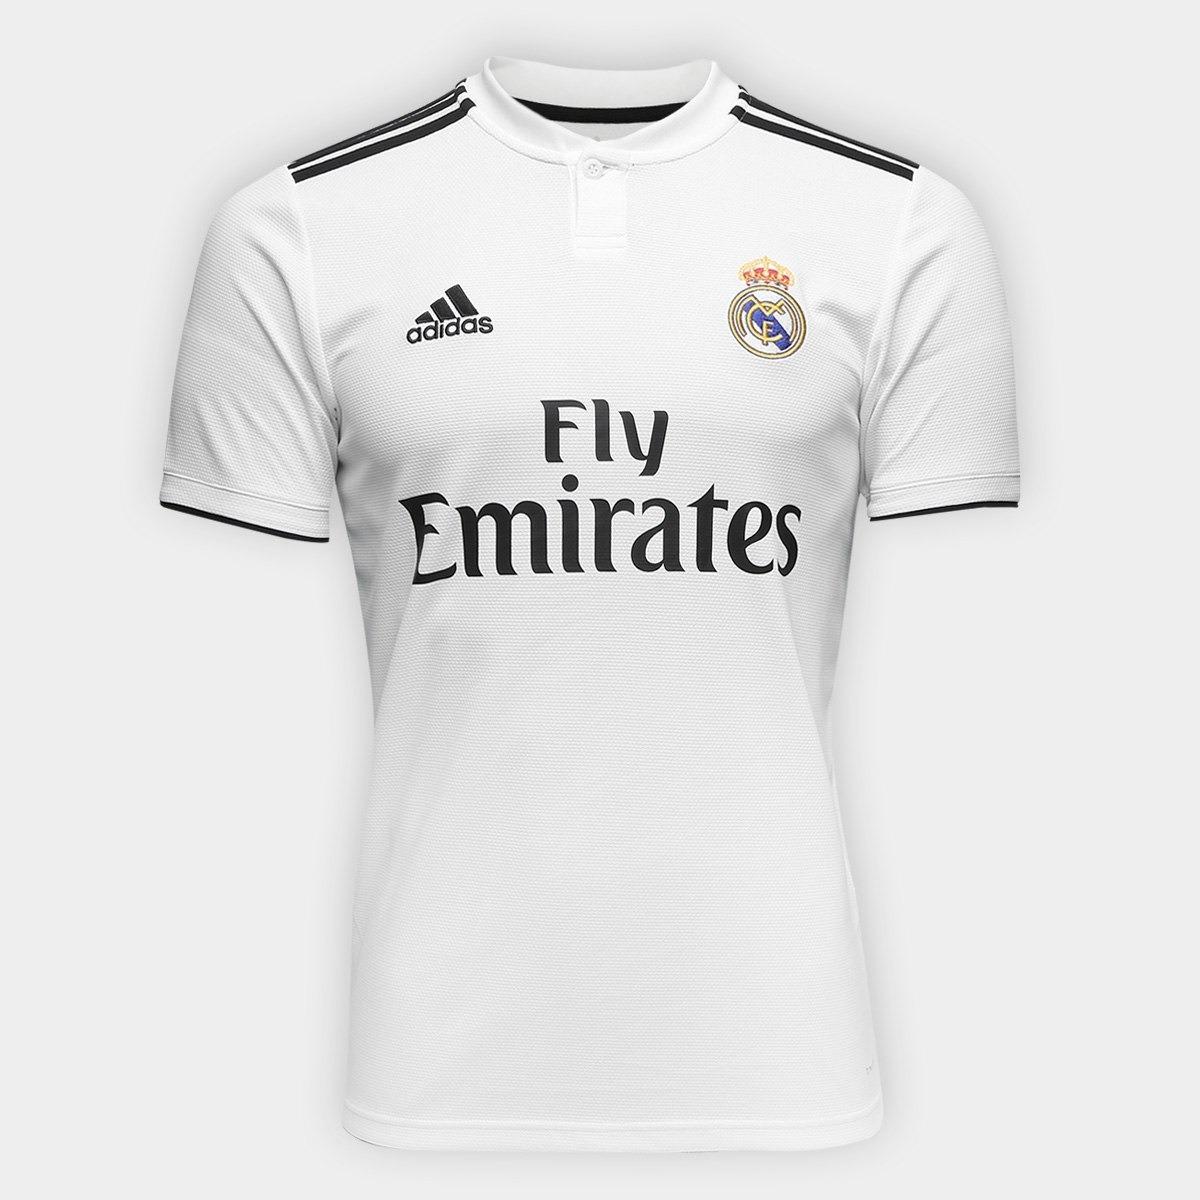 aa9a601a4 camisa do real madrid 2018 oficial - promoção. Carregando zoom.